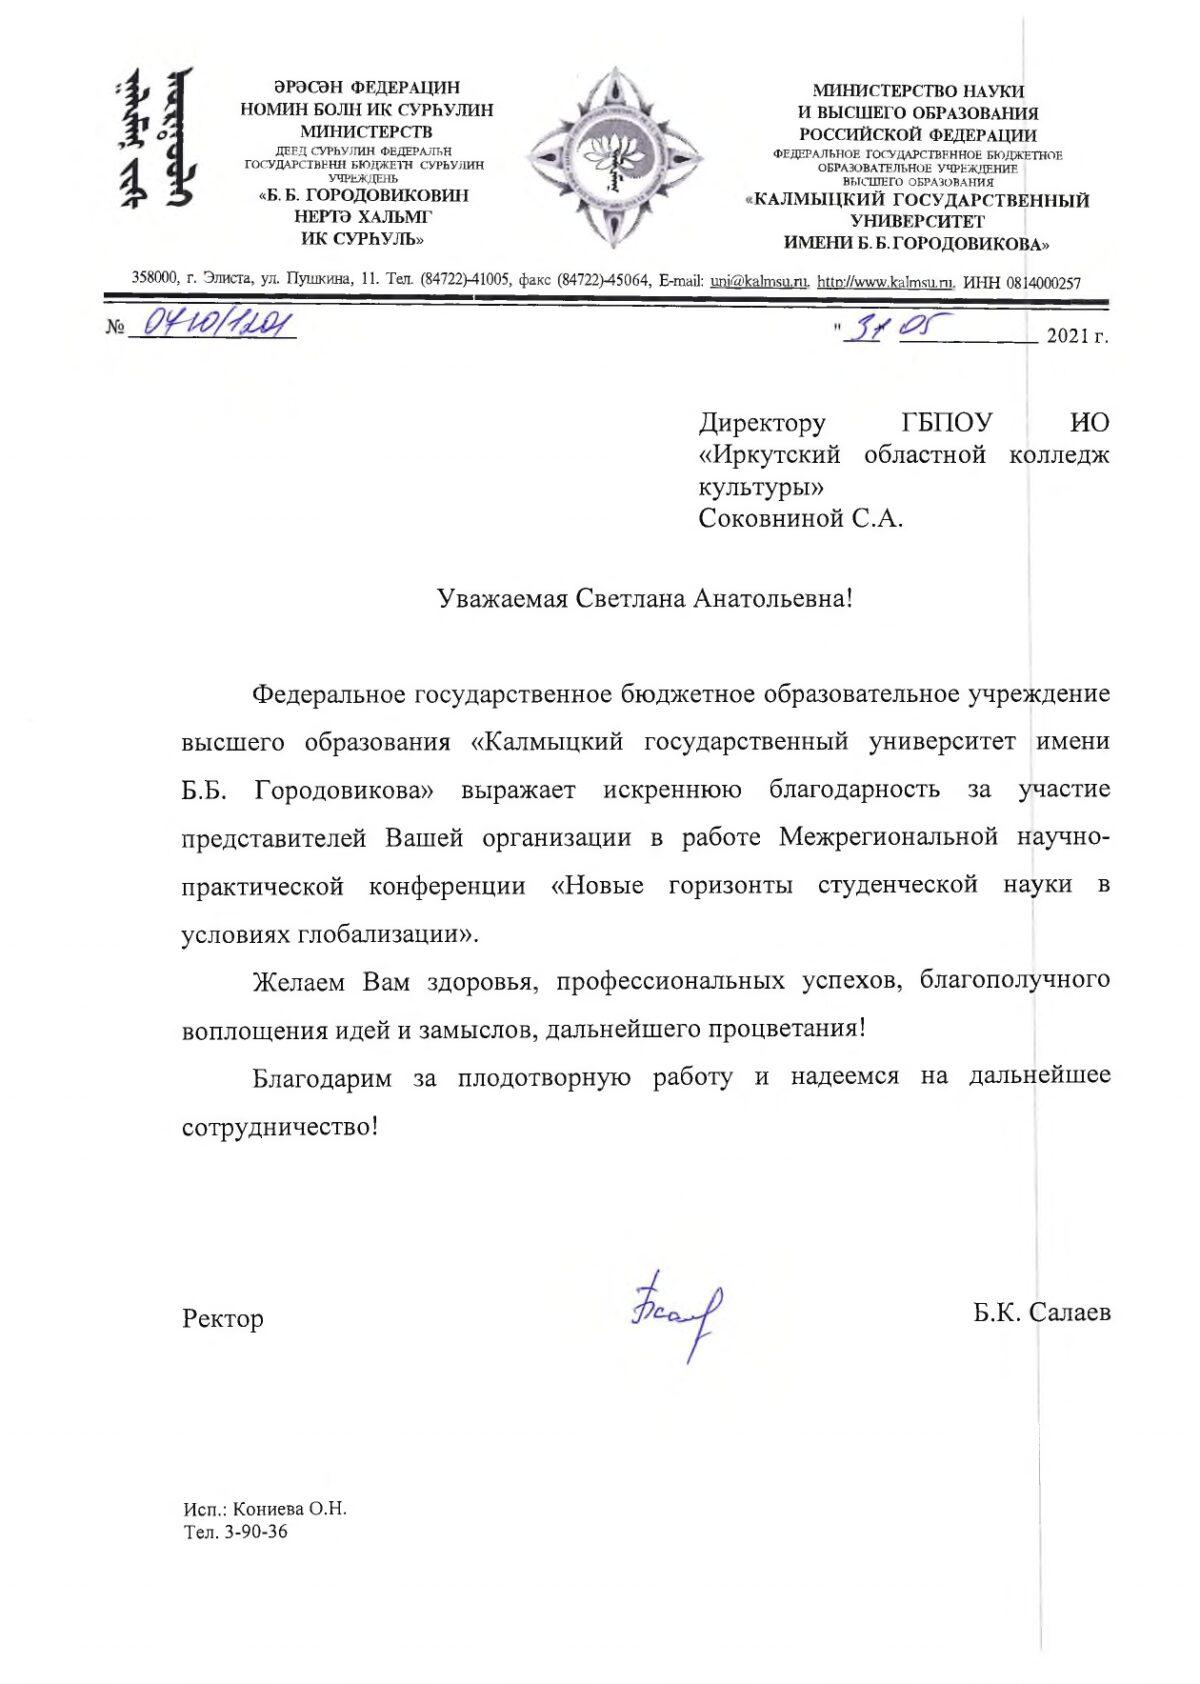 Калмыцкий государственный университет выражает благодарность